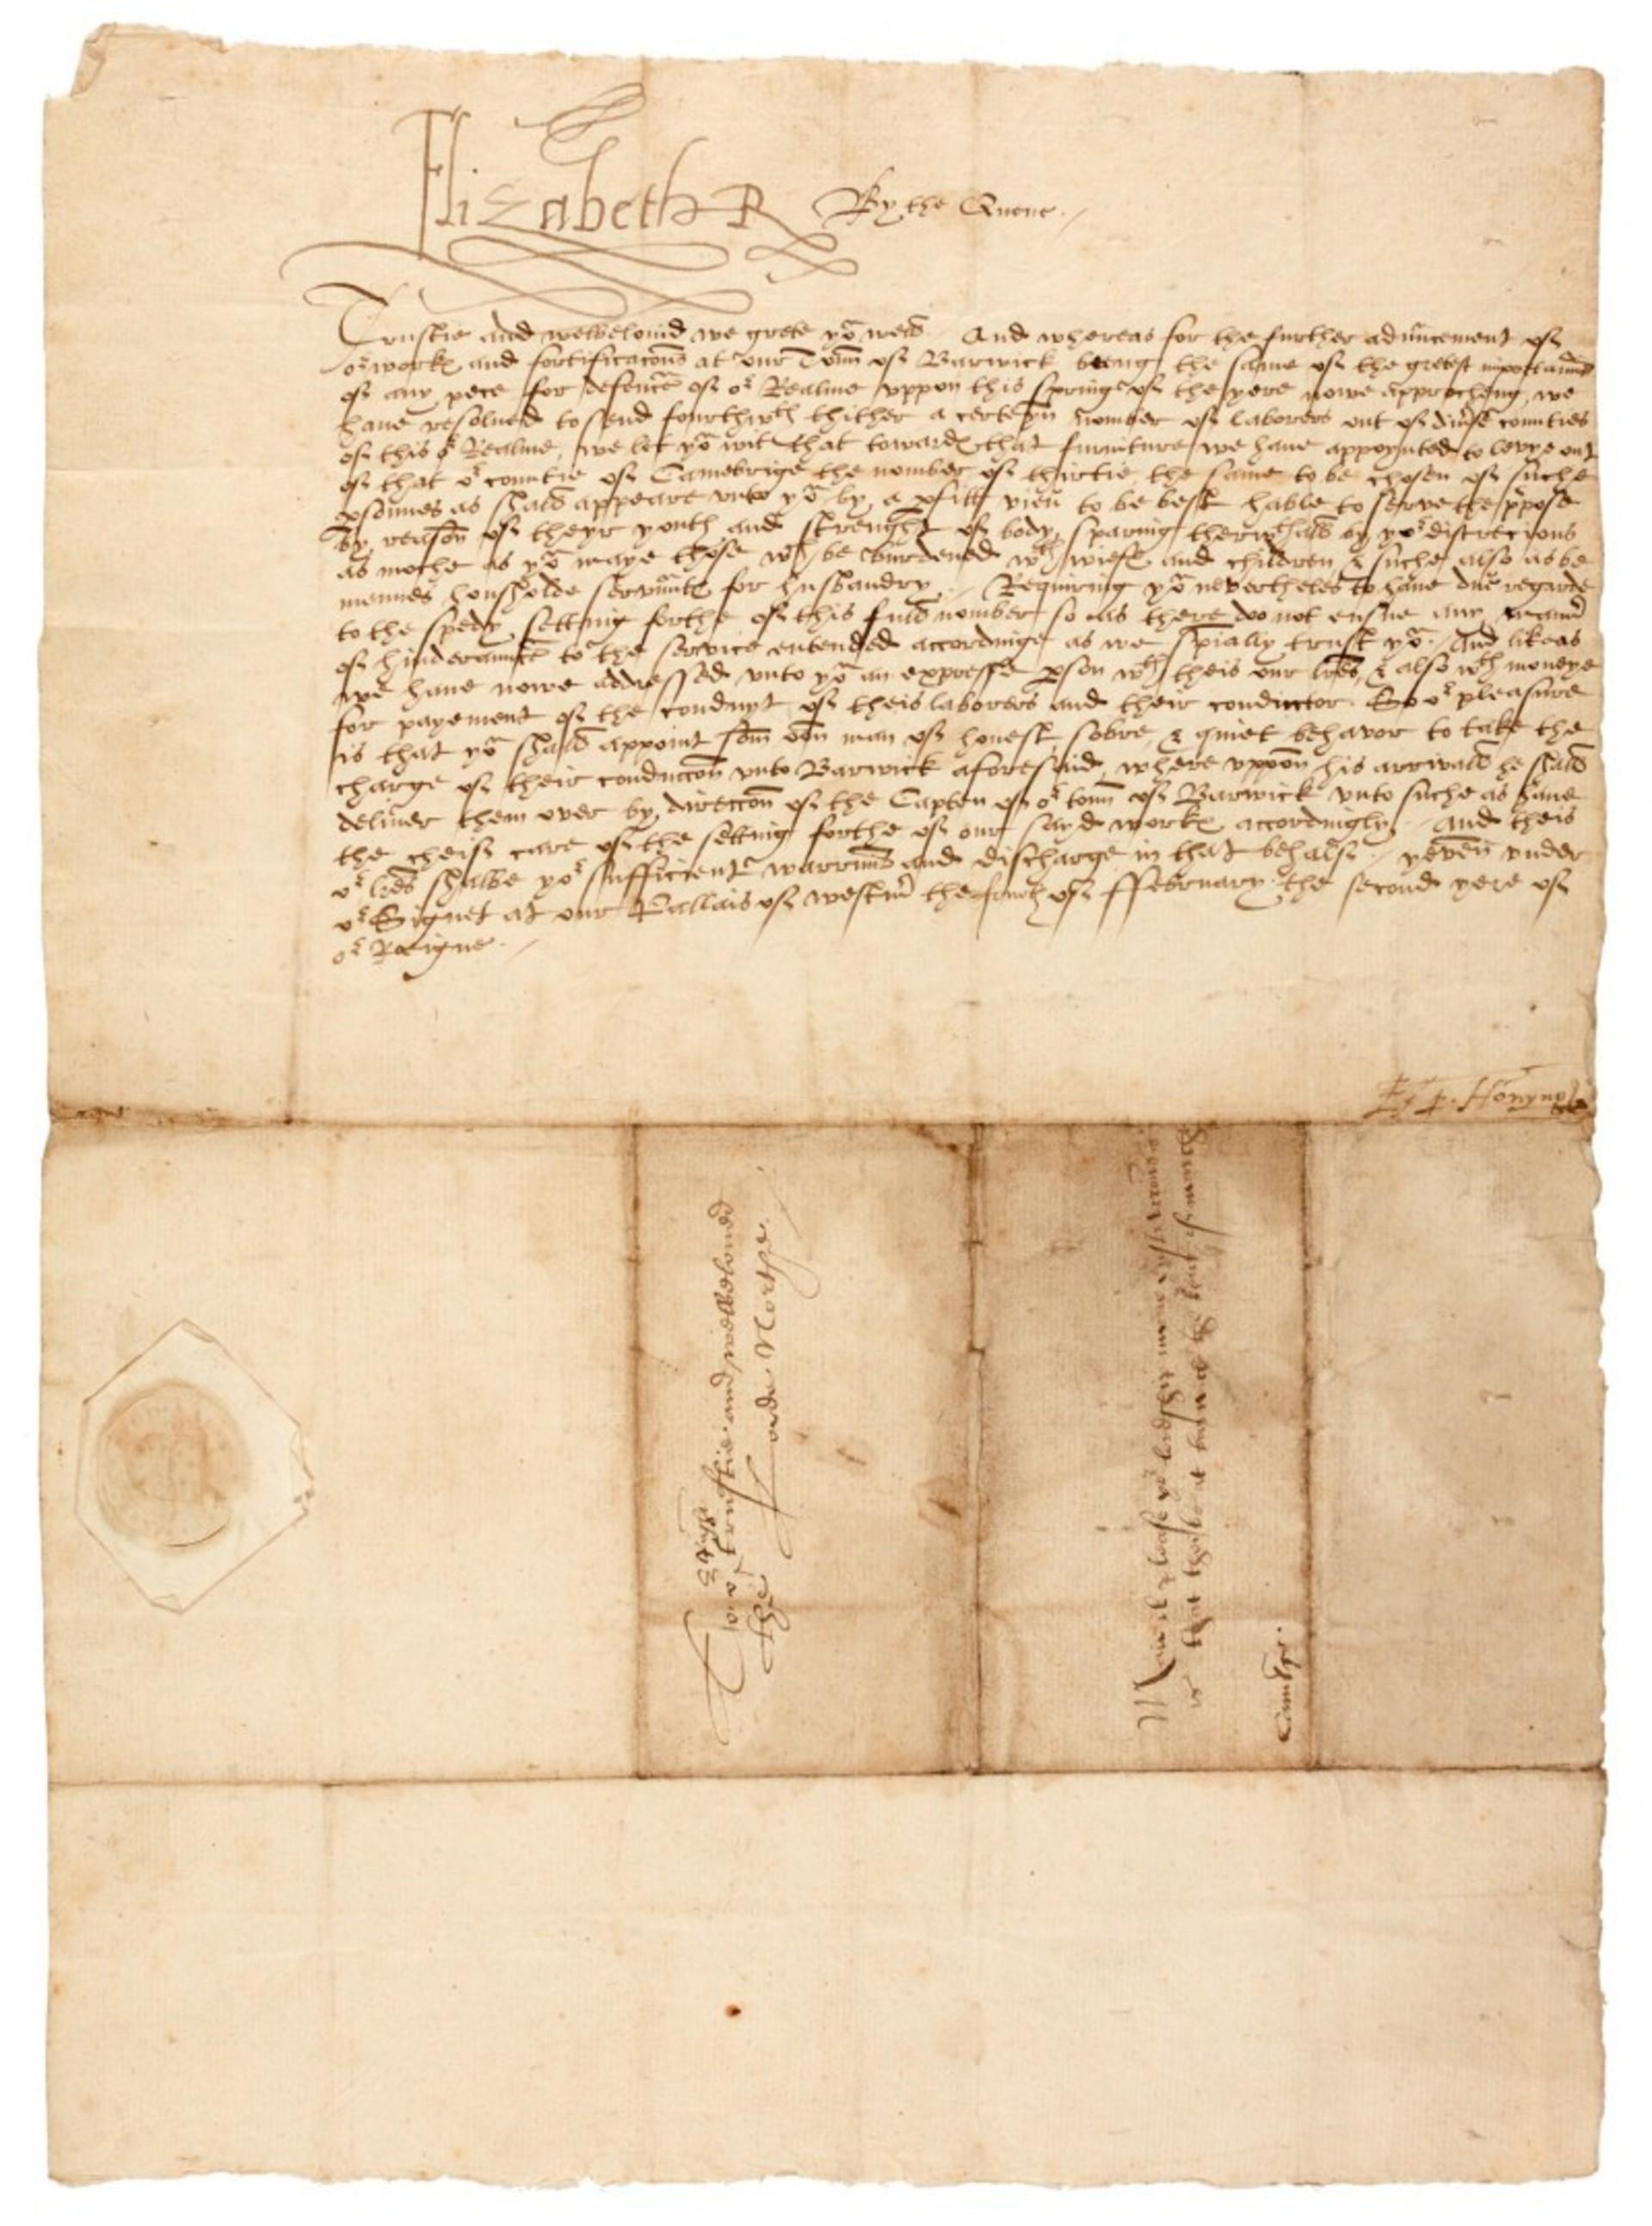 Dopis královny Alžběty I. pro Edwarda Northa, 1560, cena: 730 000 Kč, Sotheby's Londýn 15. 7. 2020